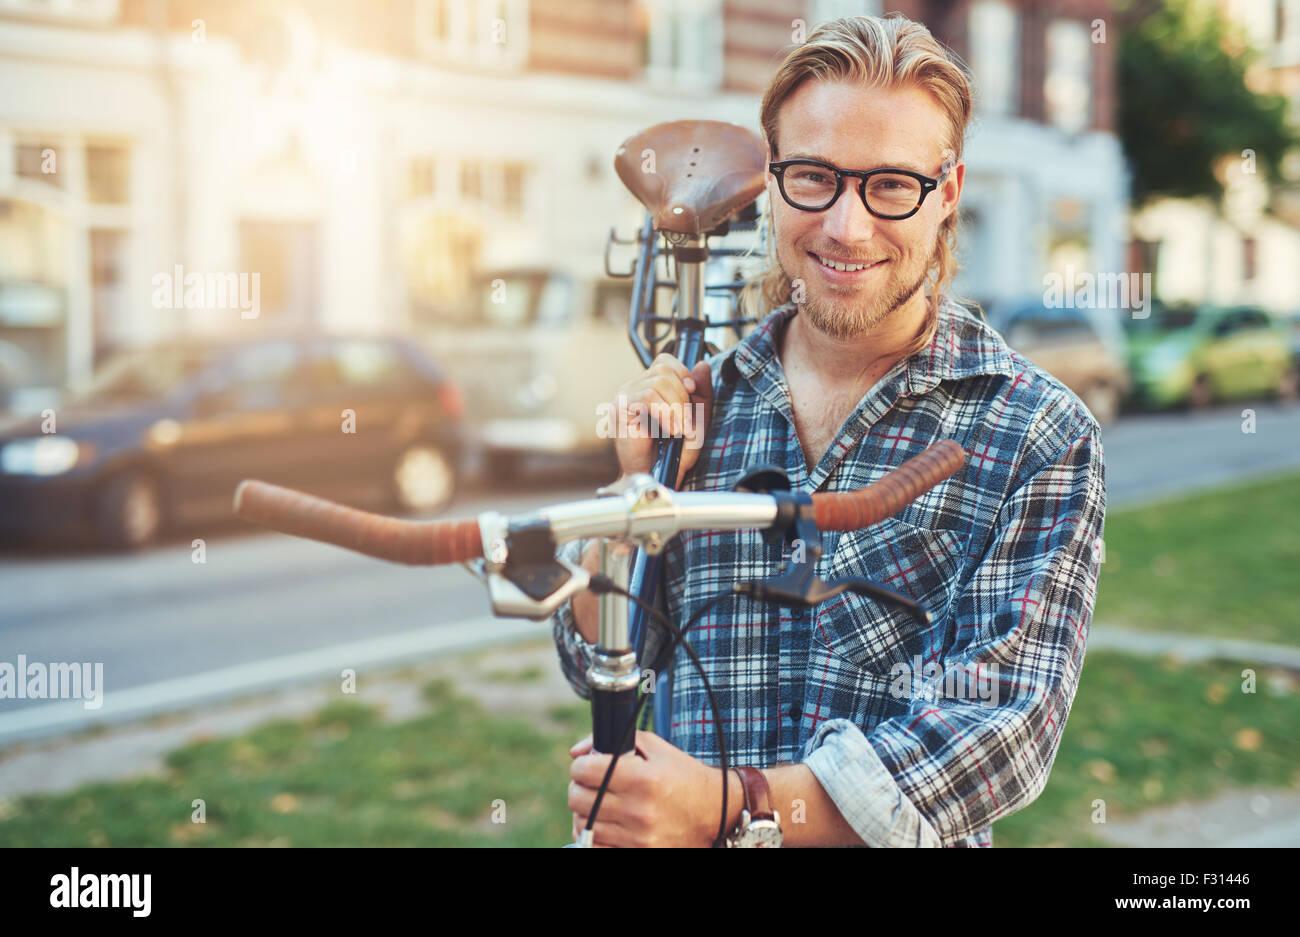 Joven. llevar el estilo de vida de la ciudad en bicicleta en su hombro retrato sonriente. Imagen De Stock